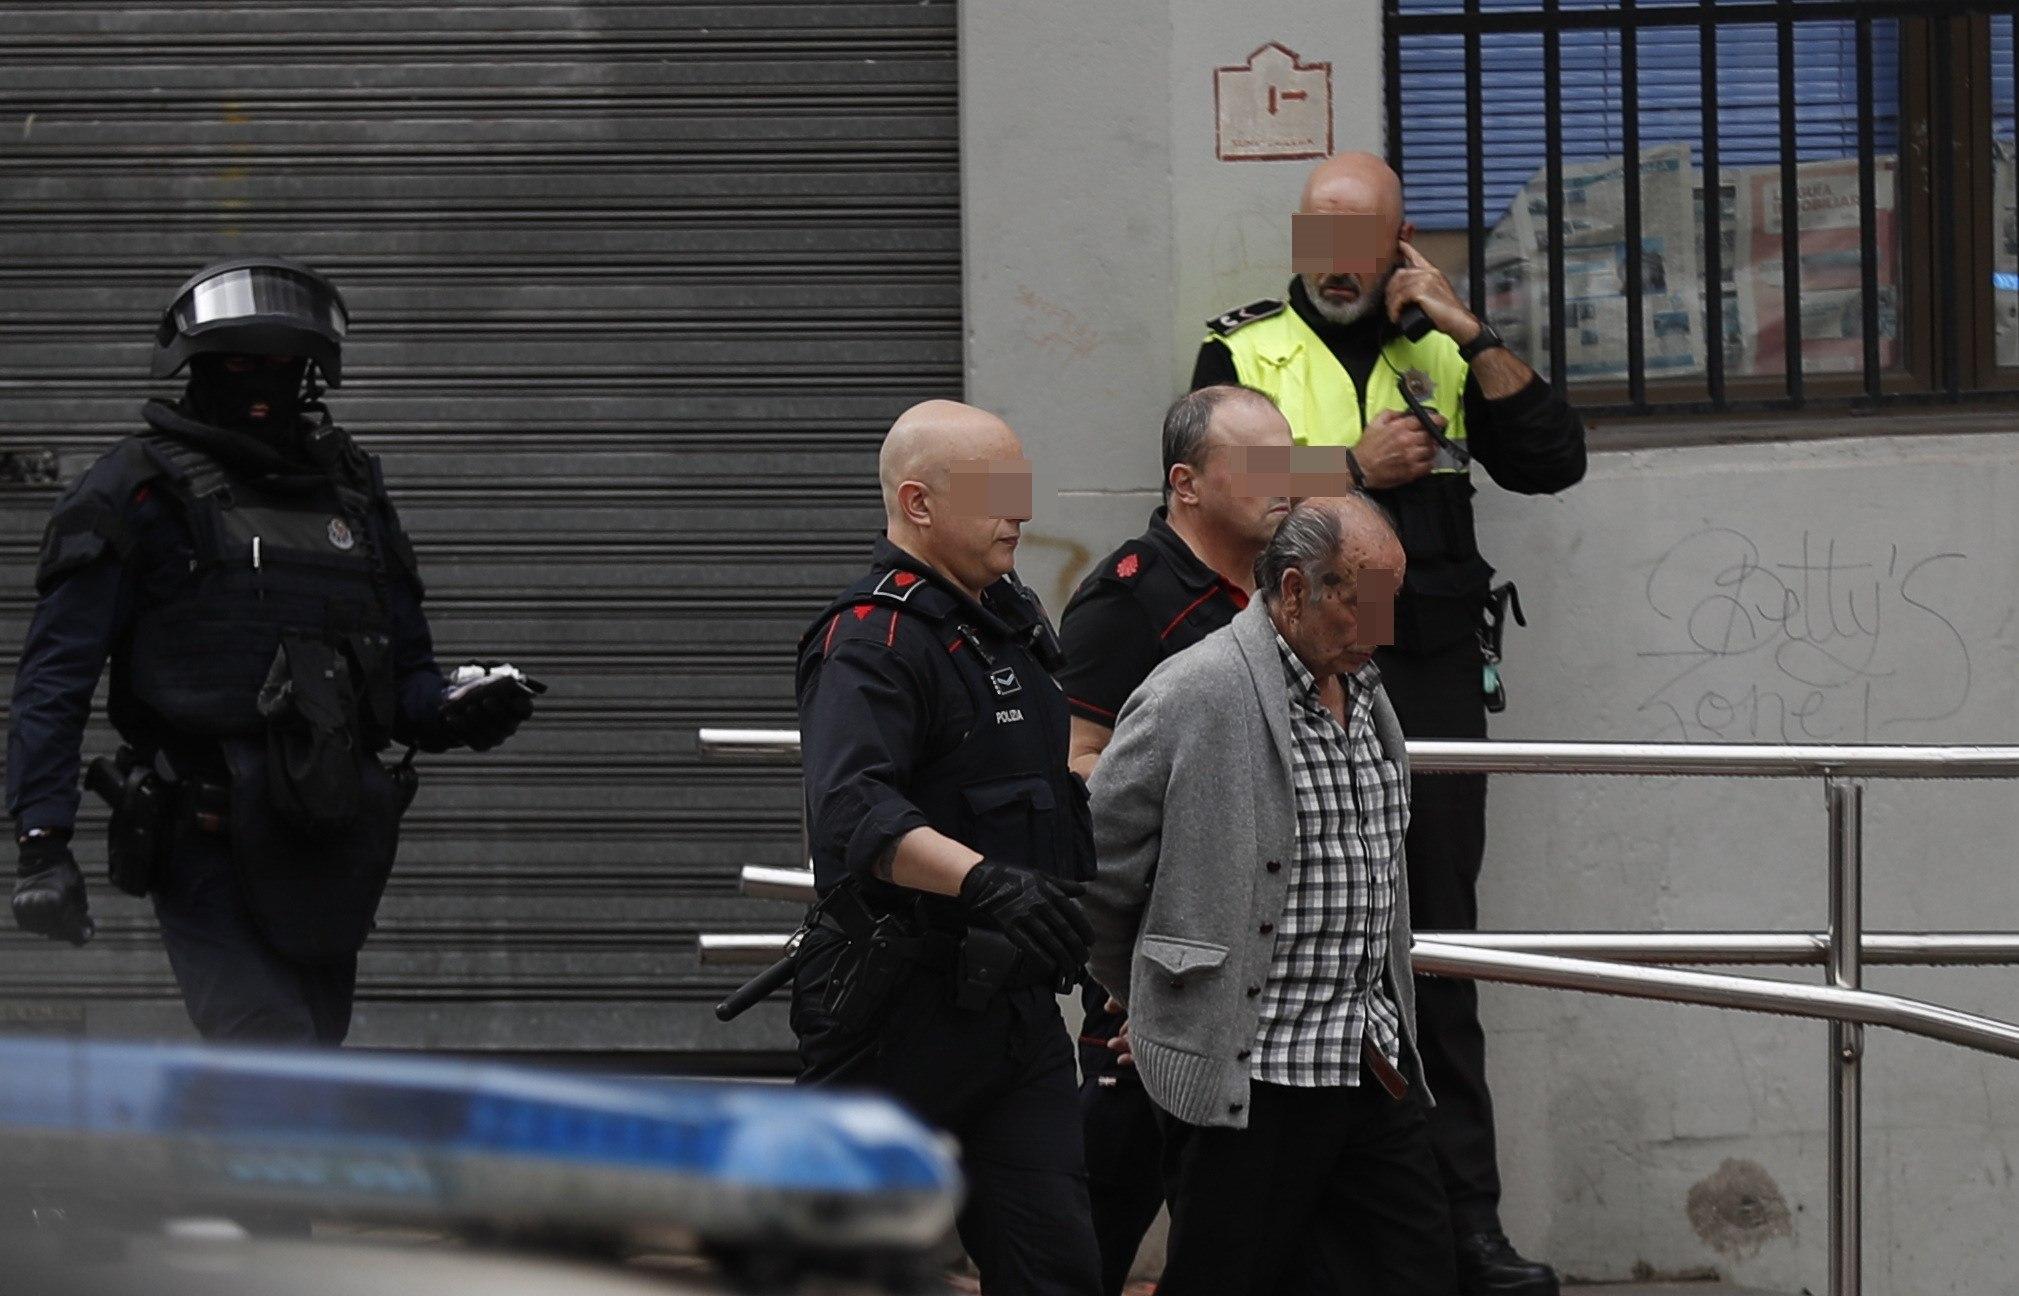 Un muerto en un tiroteo en plena calle en Bilbao por un ajuste de cuentas